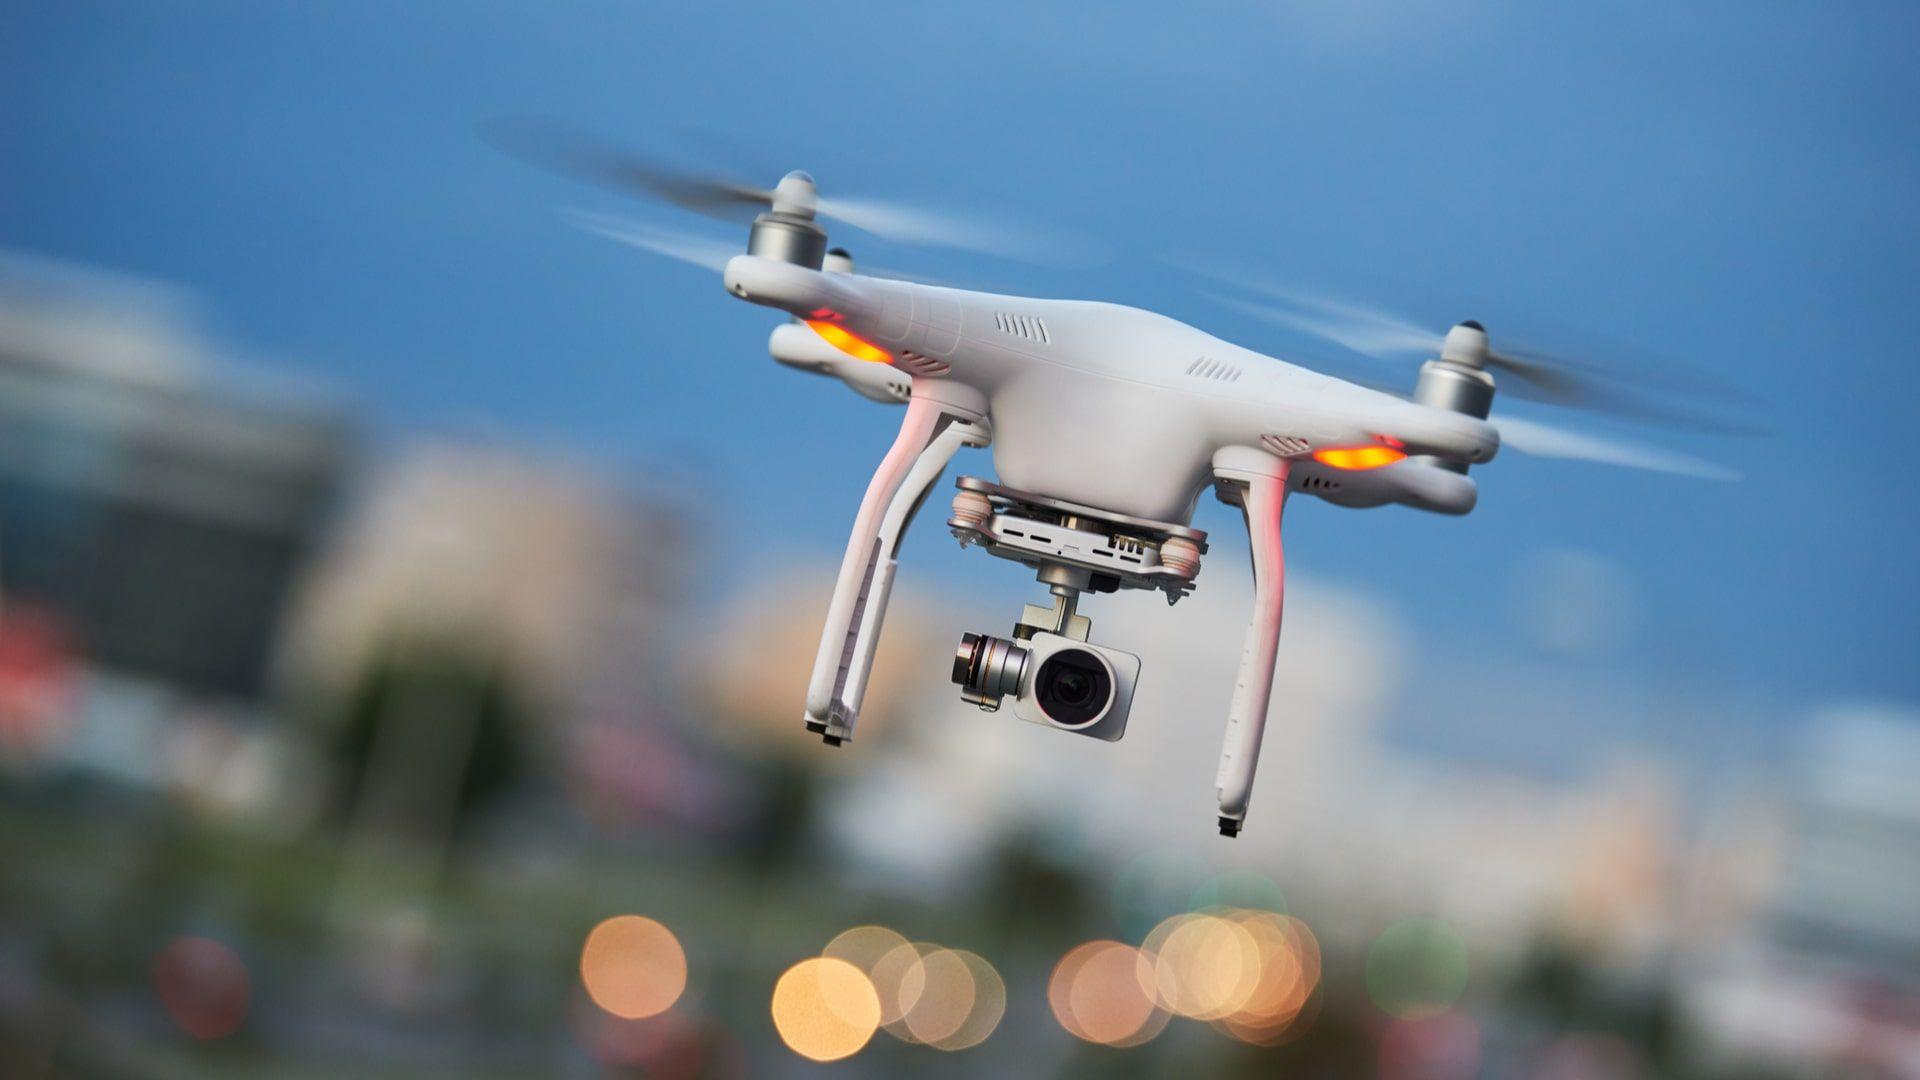 Drone preço: veja opções com diferentes características para comprar no Brasil em 2021 (Foto: Shutterstock)